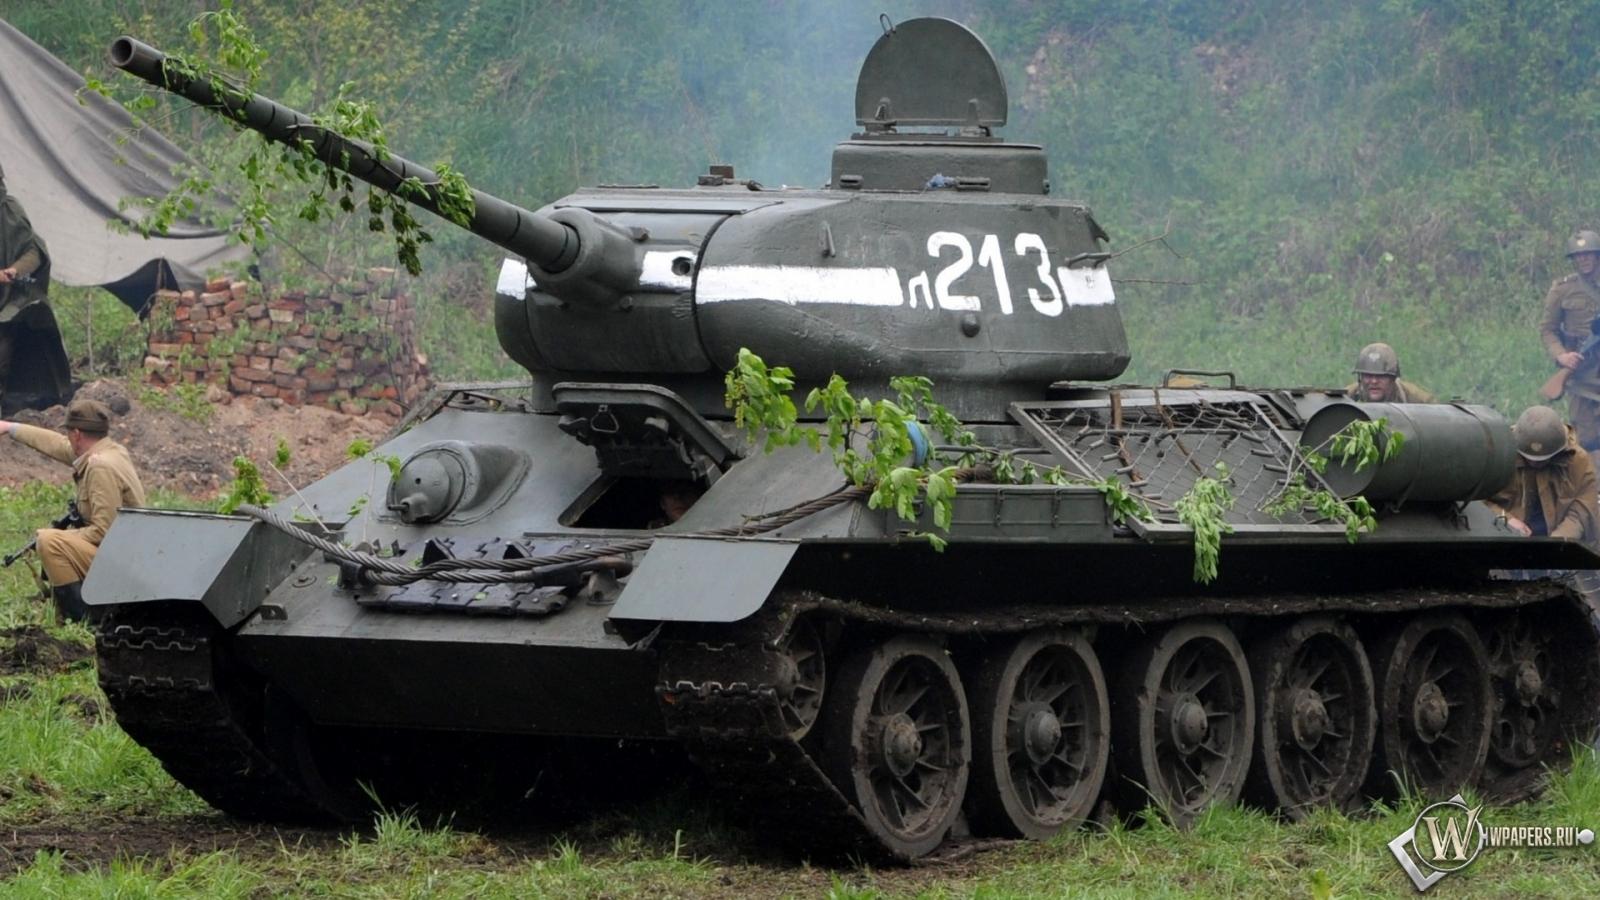 Скачать обои Танк Т 34-85 (Оружие, Танк) для рабочего стола ...